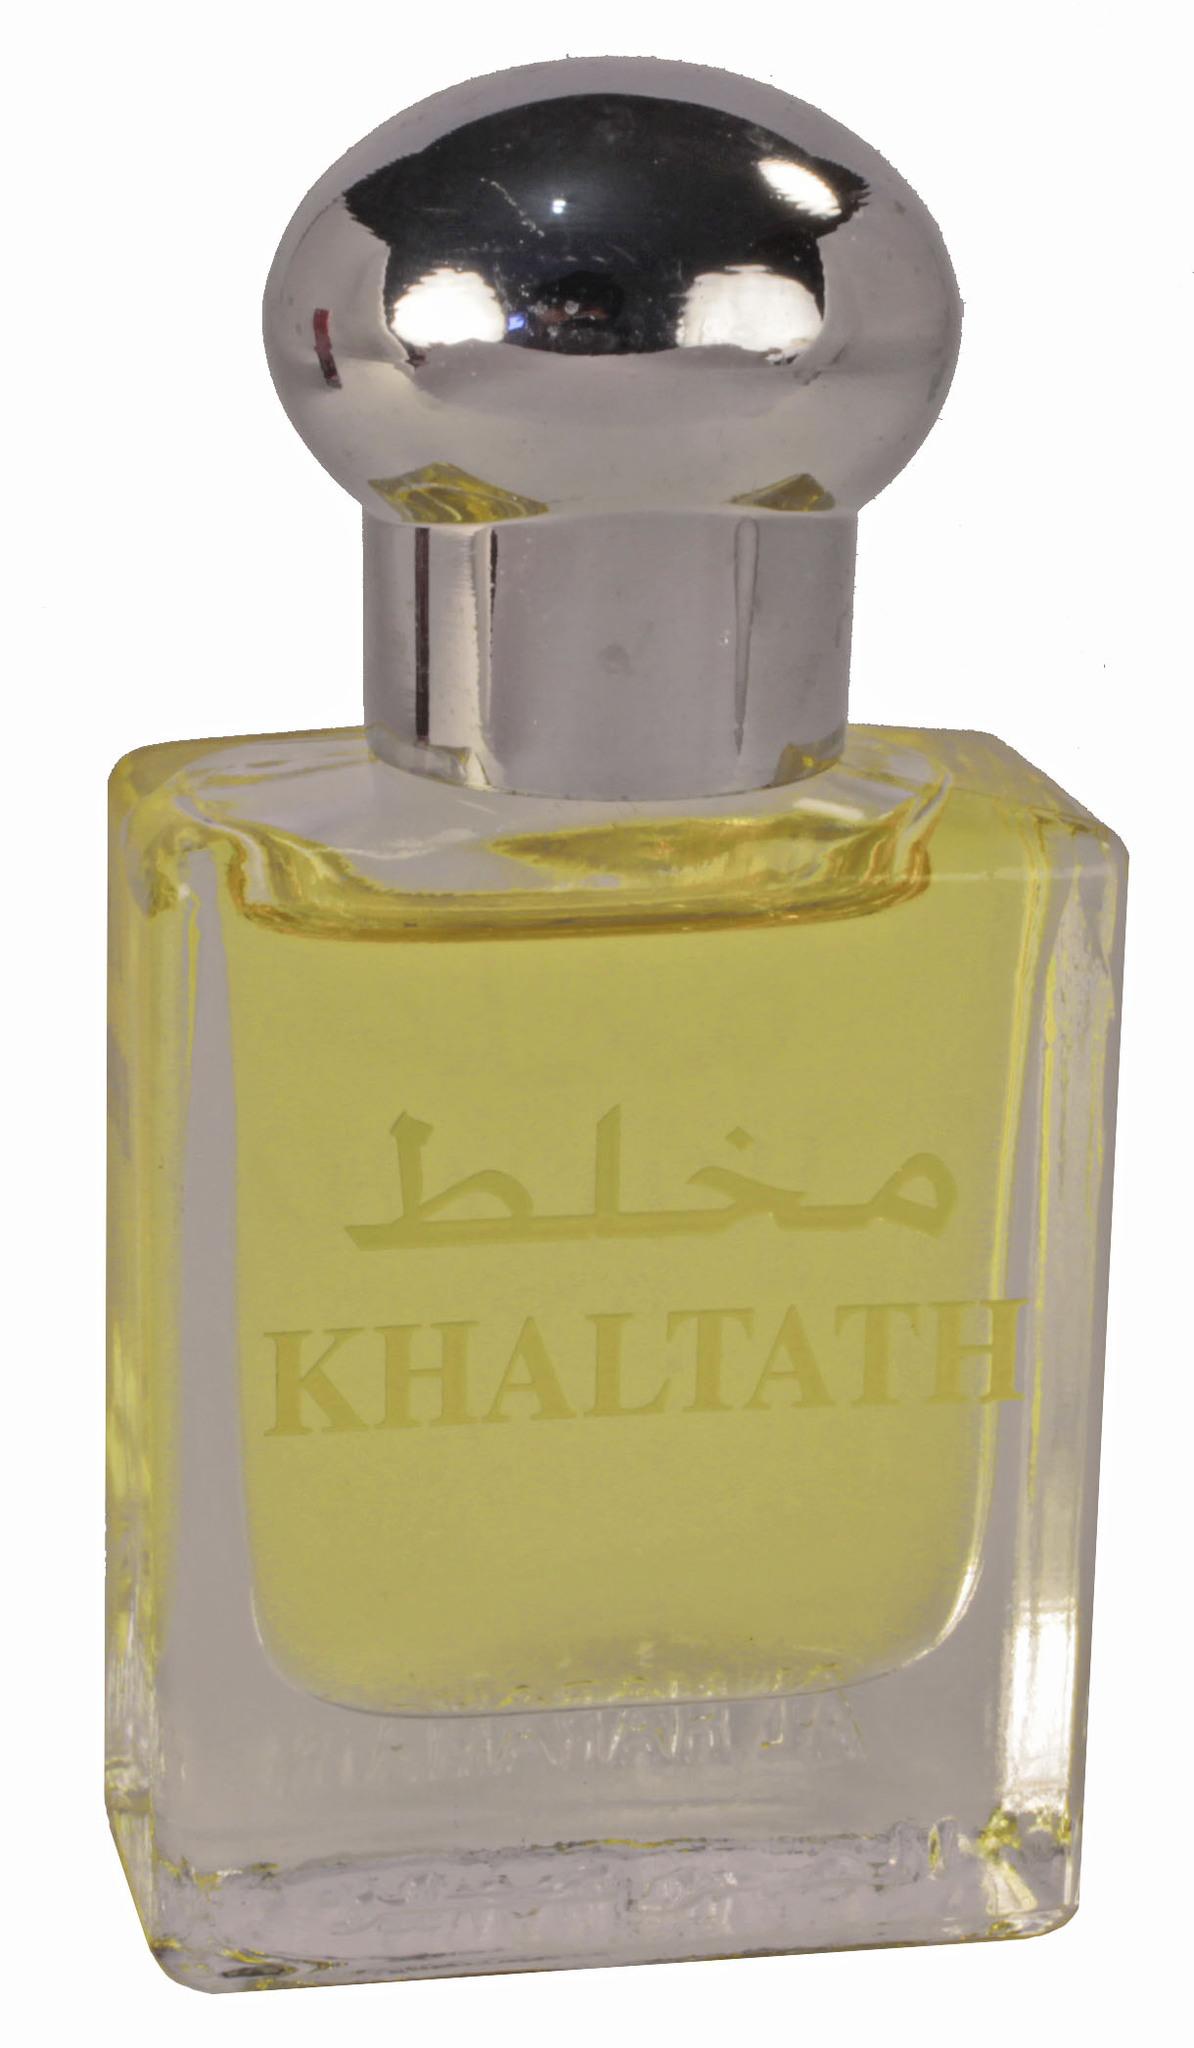 Арабские духи Хальтат Khaltat